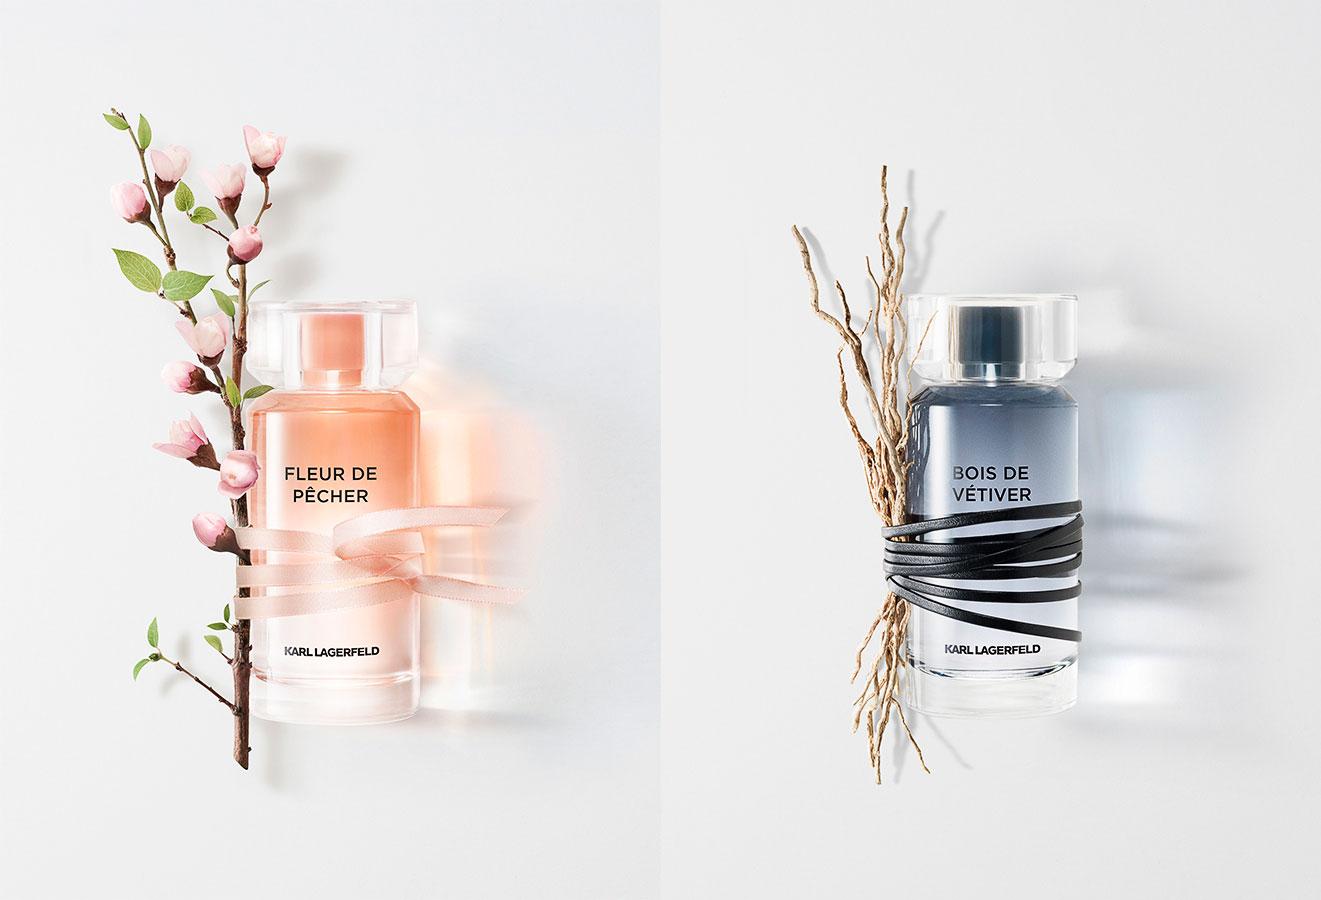 Bonnetantonin LagerfeldAntonin Nouveaux Parfums Karl Bonnet 5jRq34AL